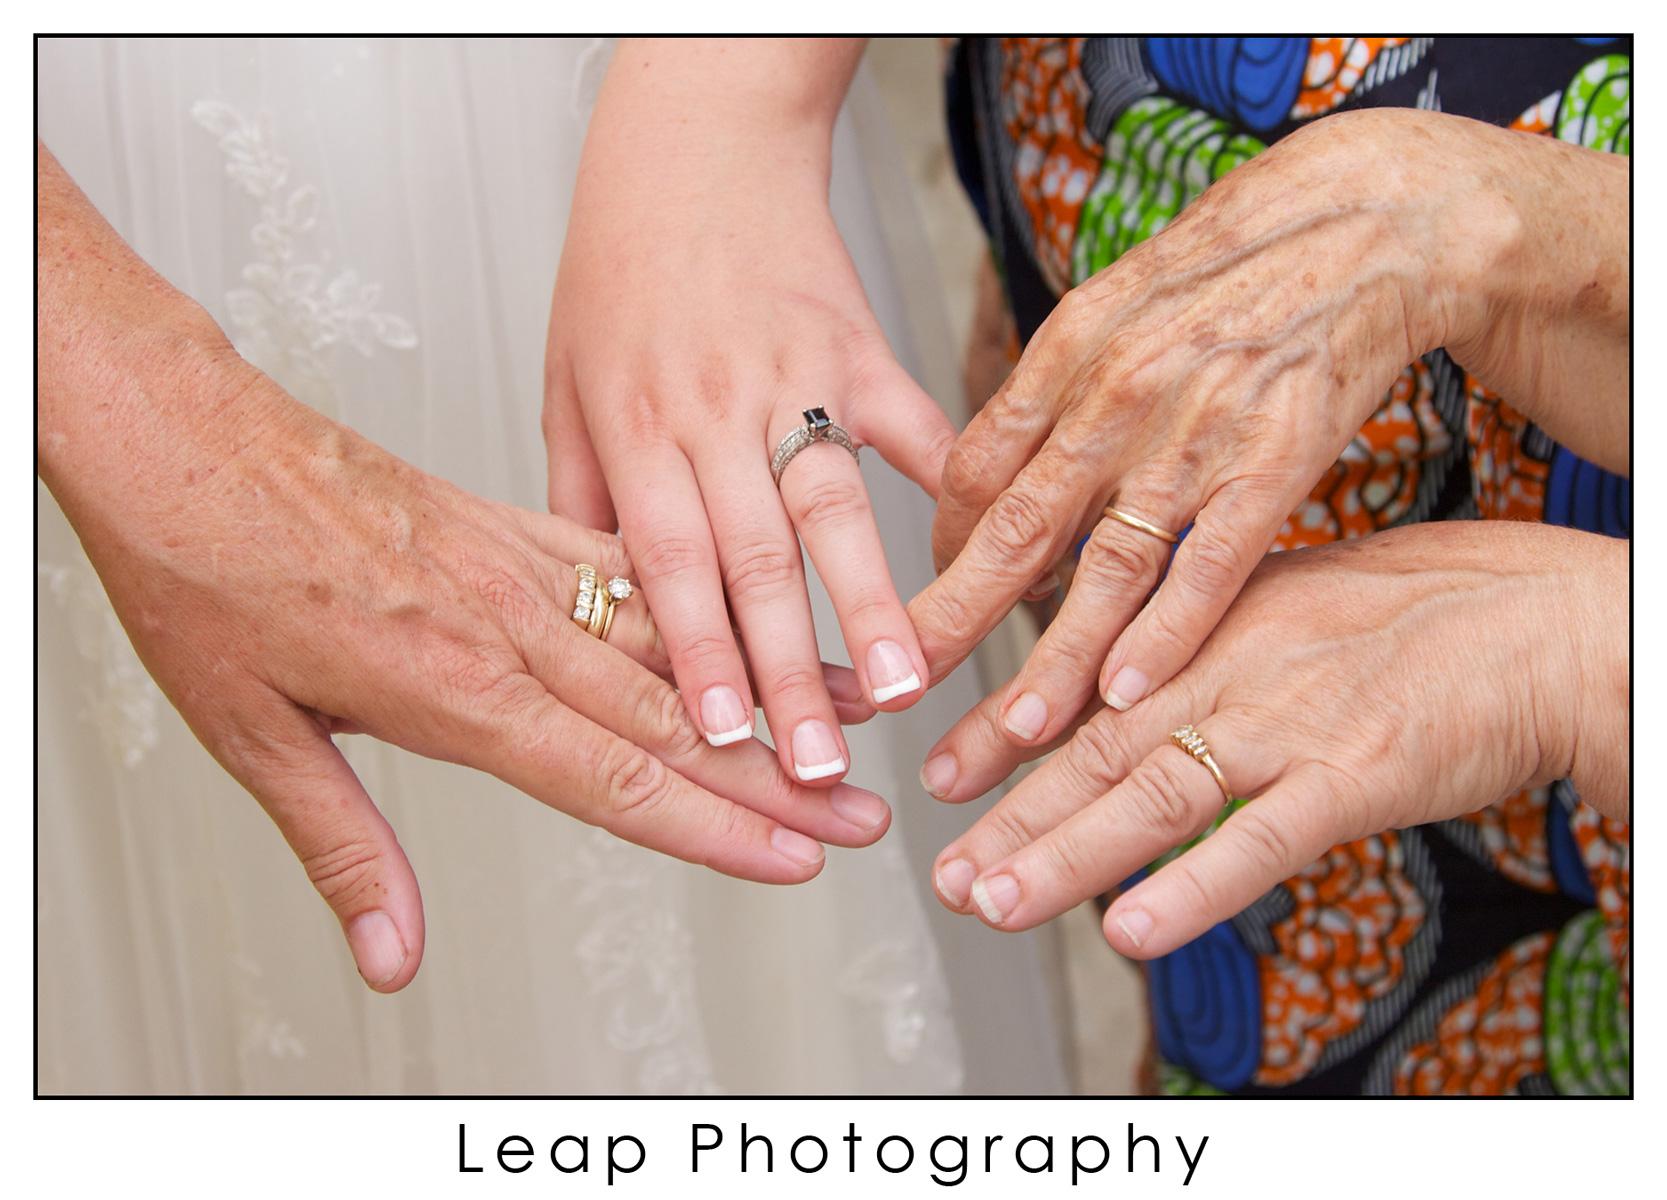 Boise_Idaho_Wedding-Photographers_Warm-Lake_010C